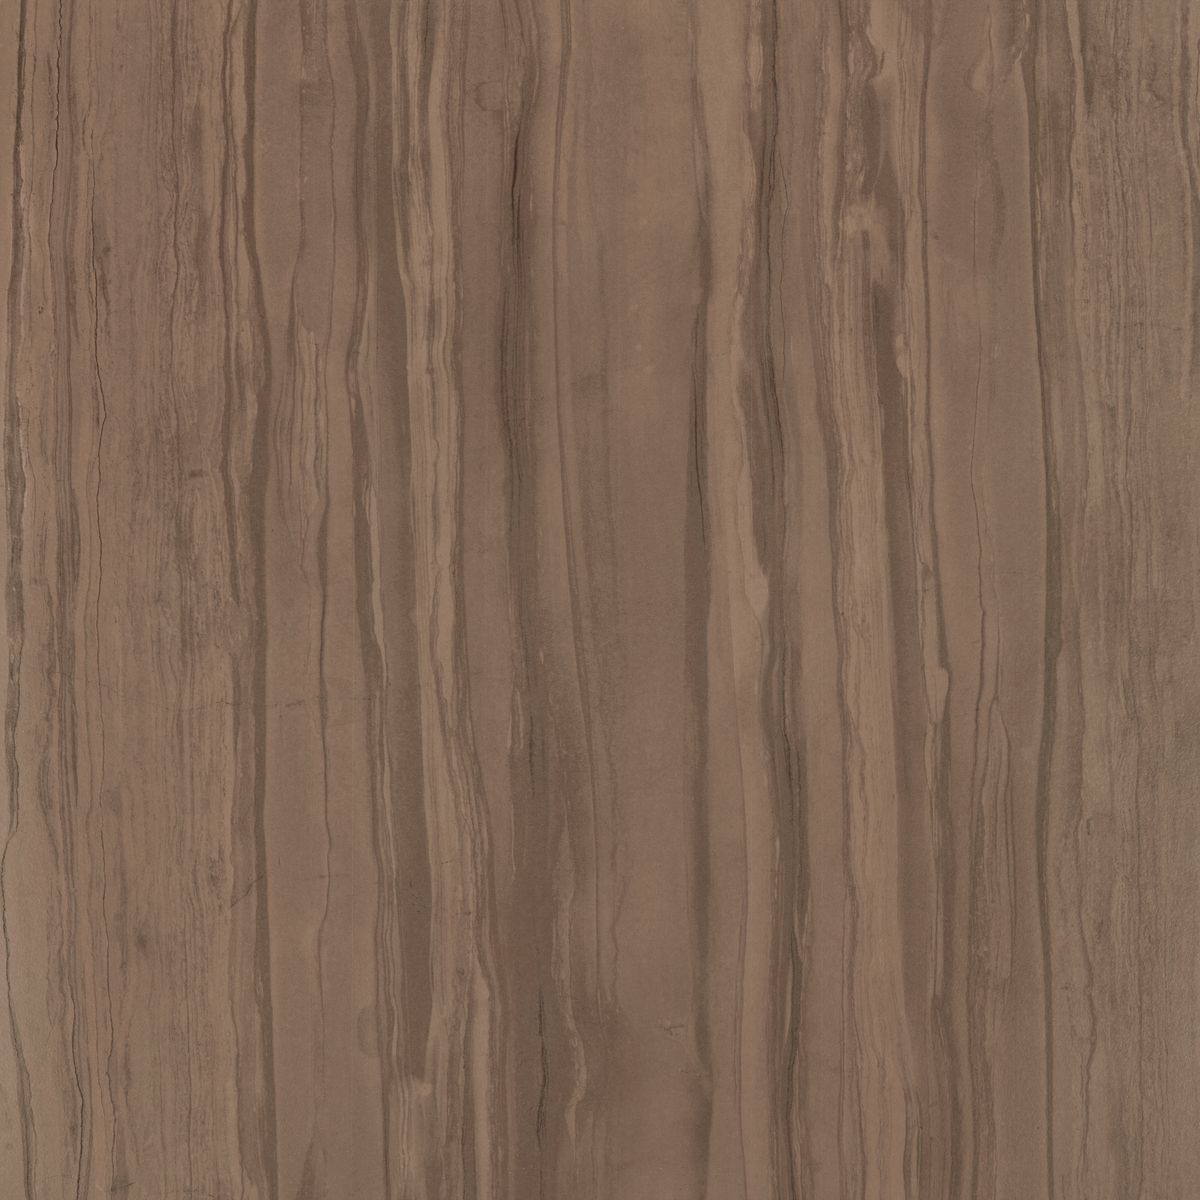 Плитка Marmo Acero acero  rectified velluto (zrxma6r) изображение 2